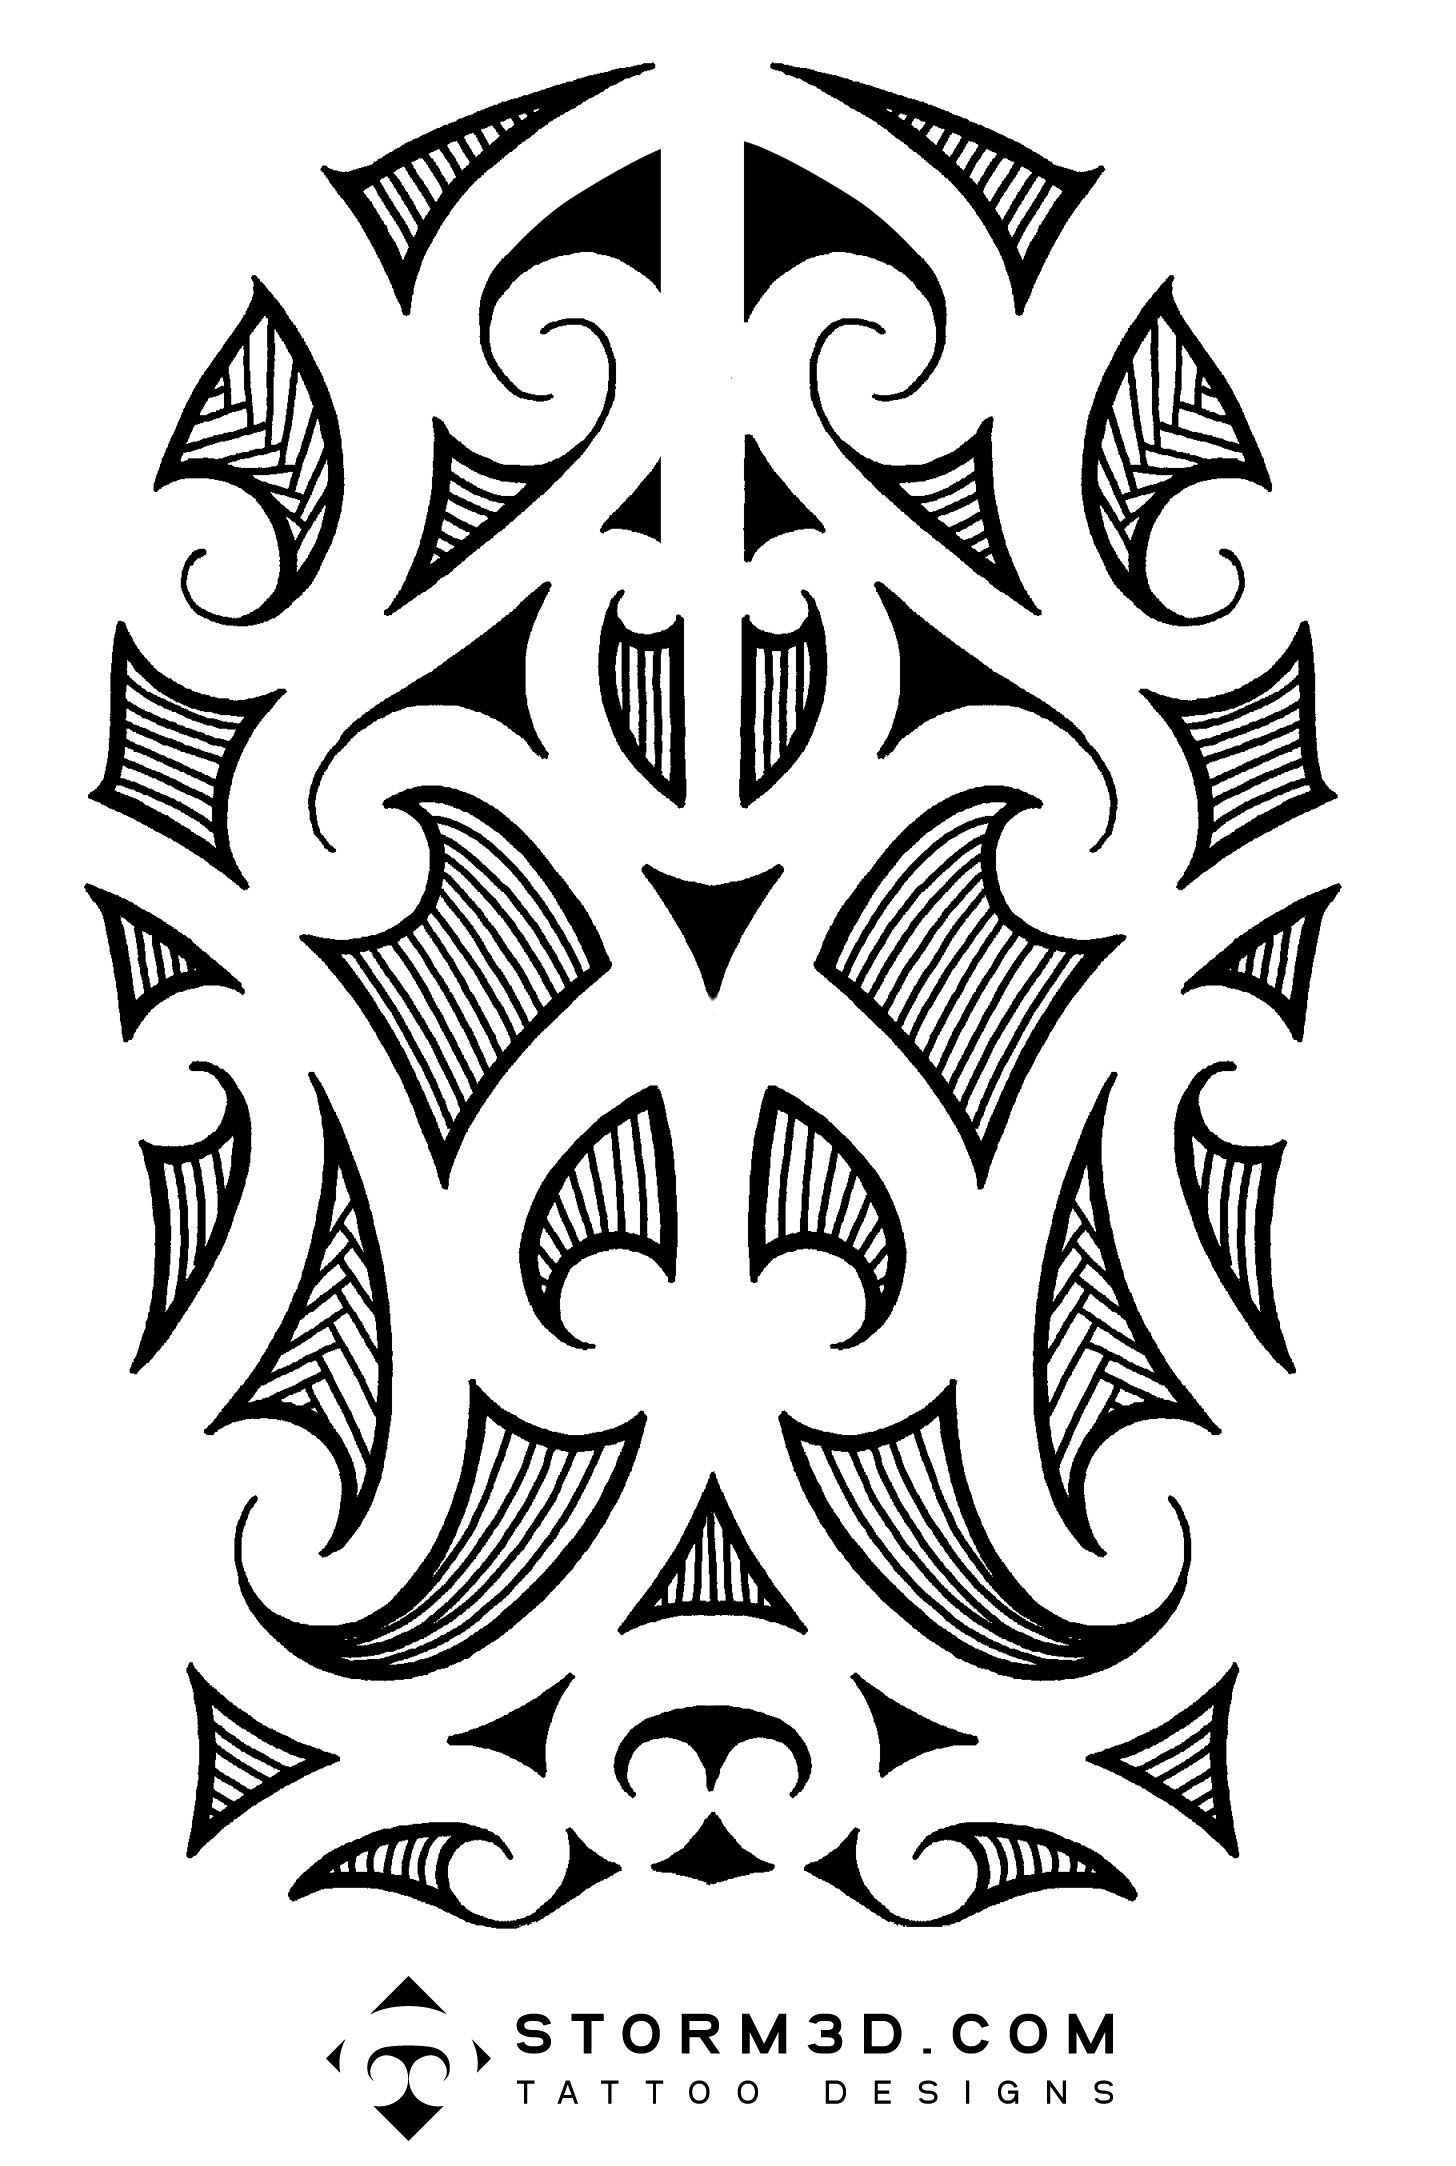 tattoo designs free Download a fullsize maori tattoo